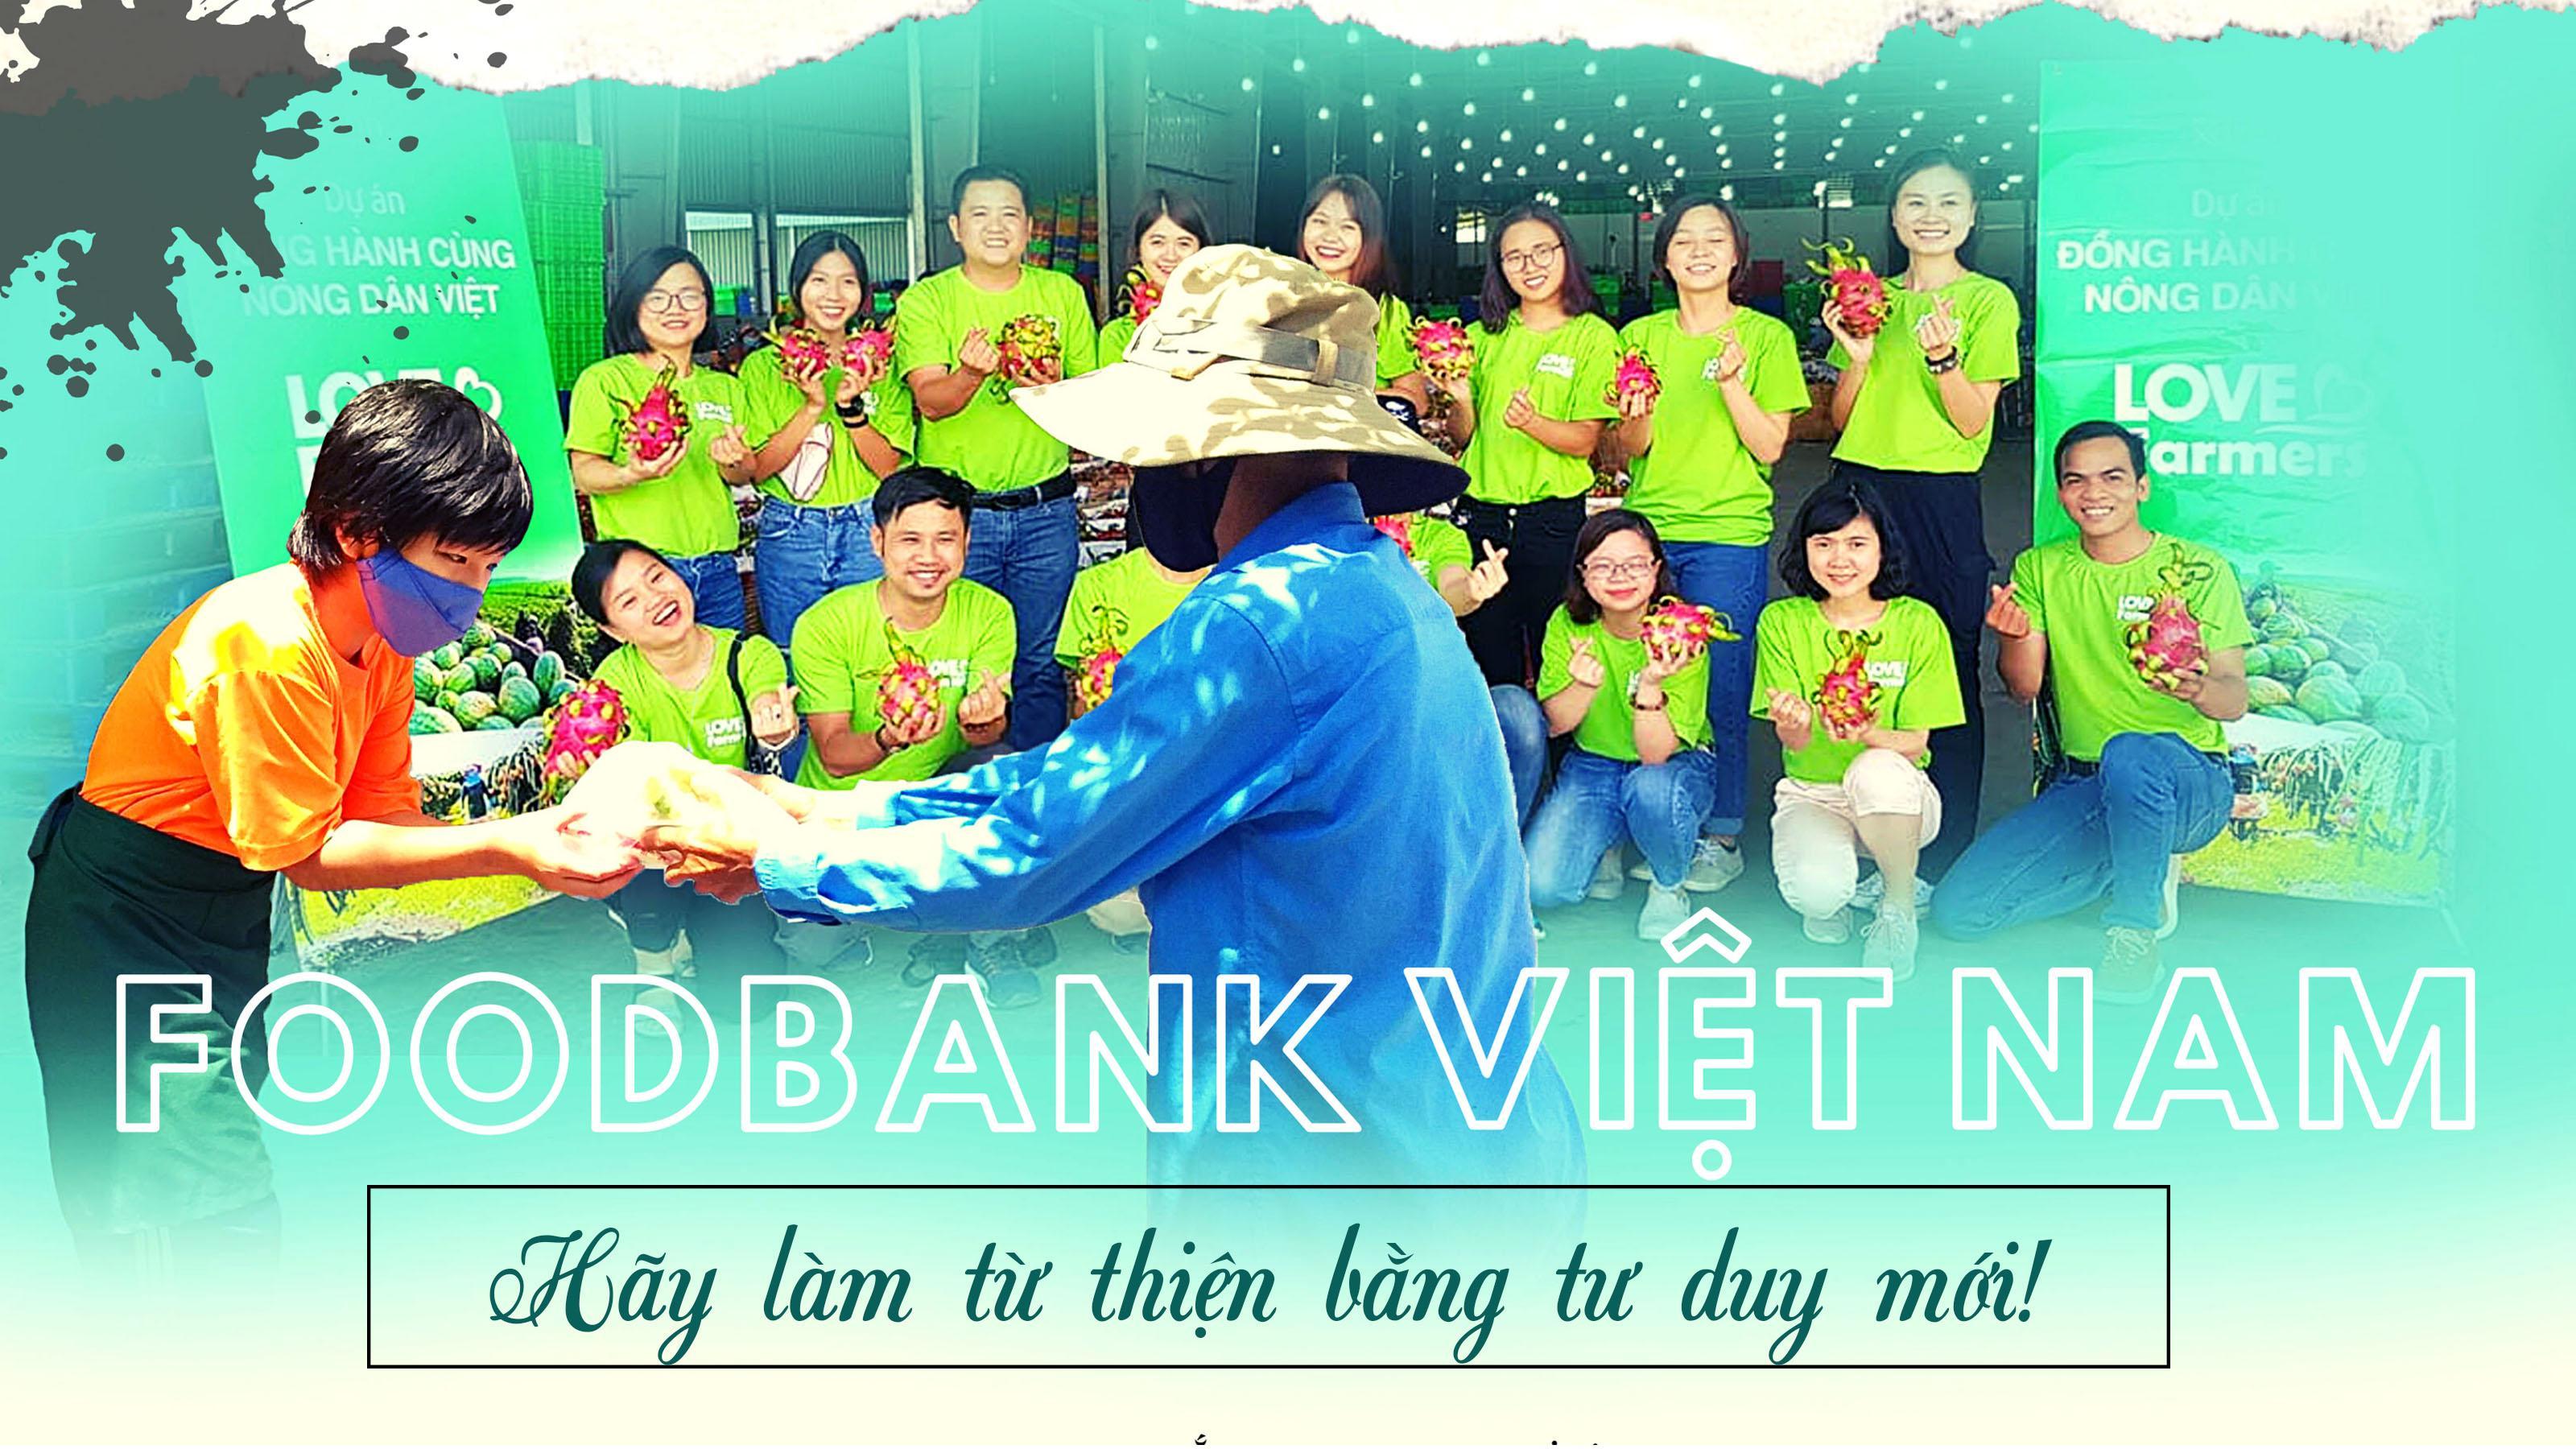 Foodbank Việt Nam: Hãy làm từ thiện bằng tư duy mới!